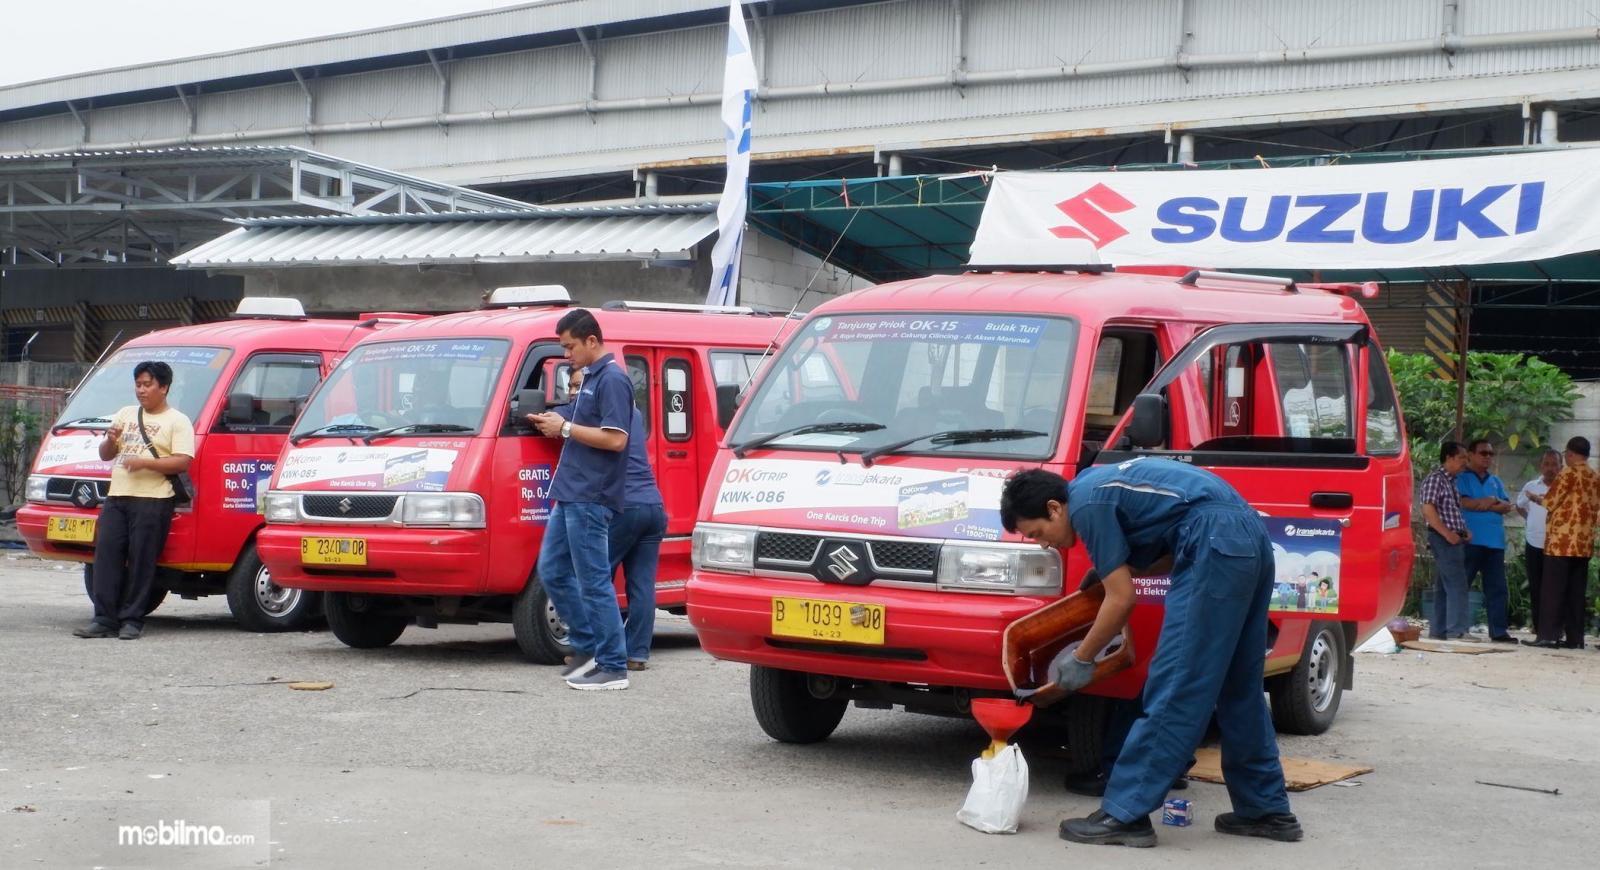 Foto mobil angkutan umum Suzuki diservis di tempat